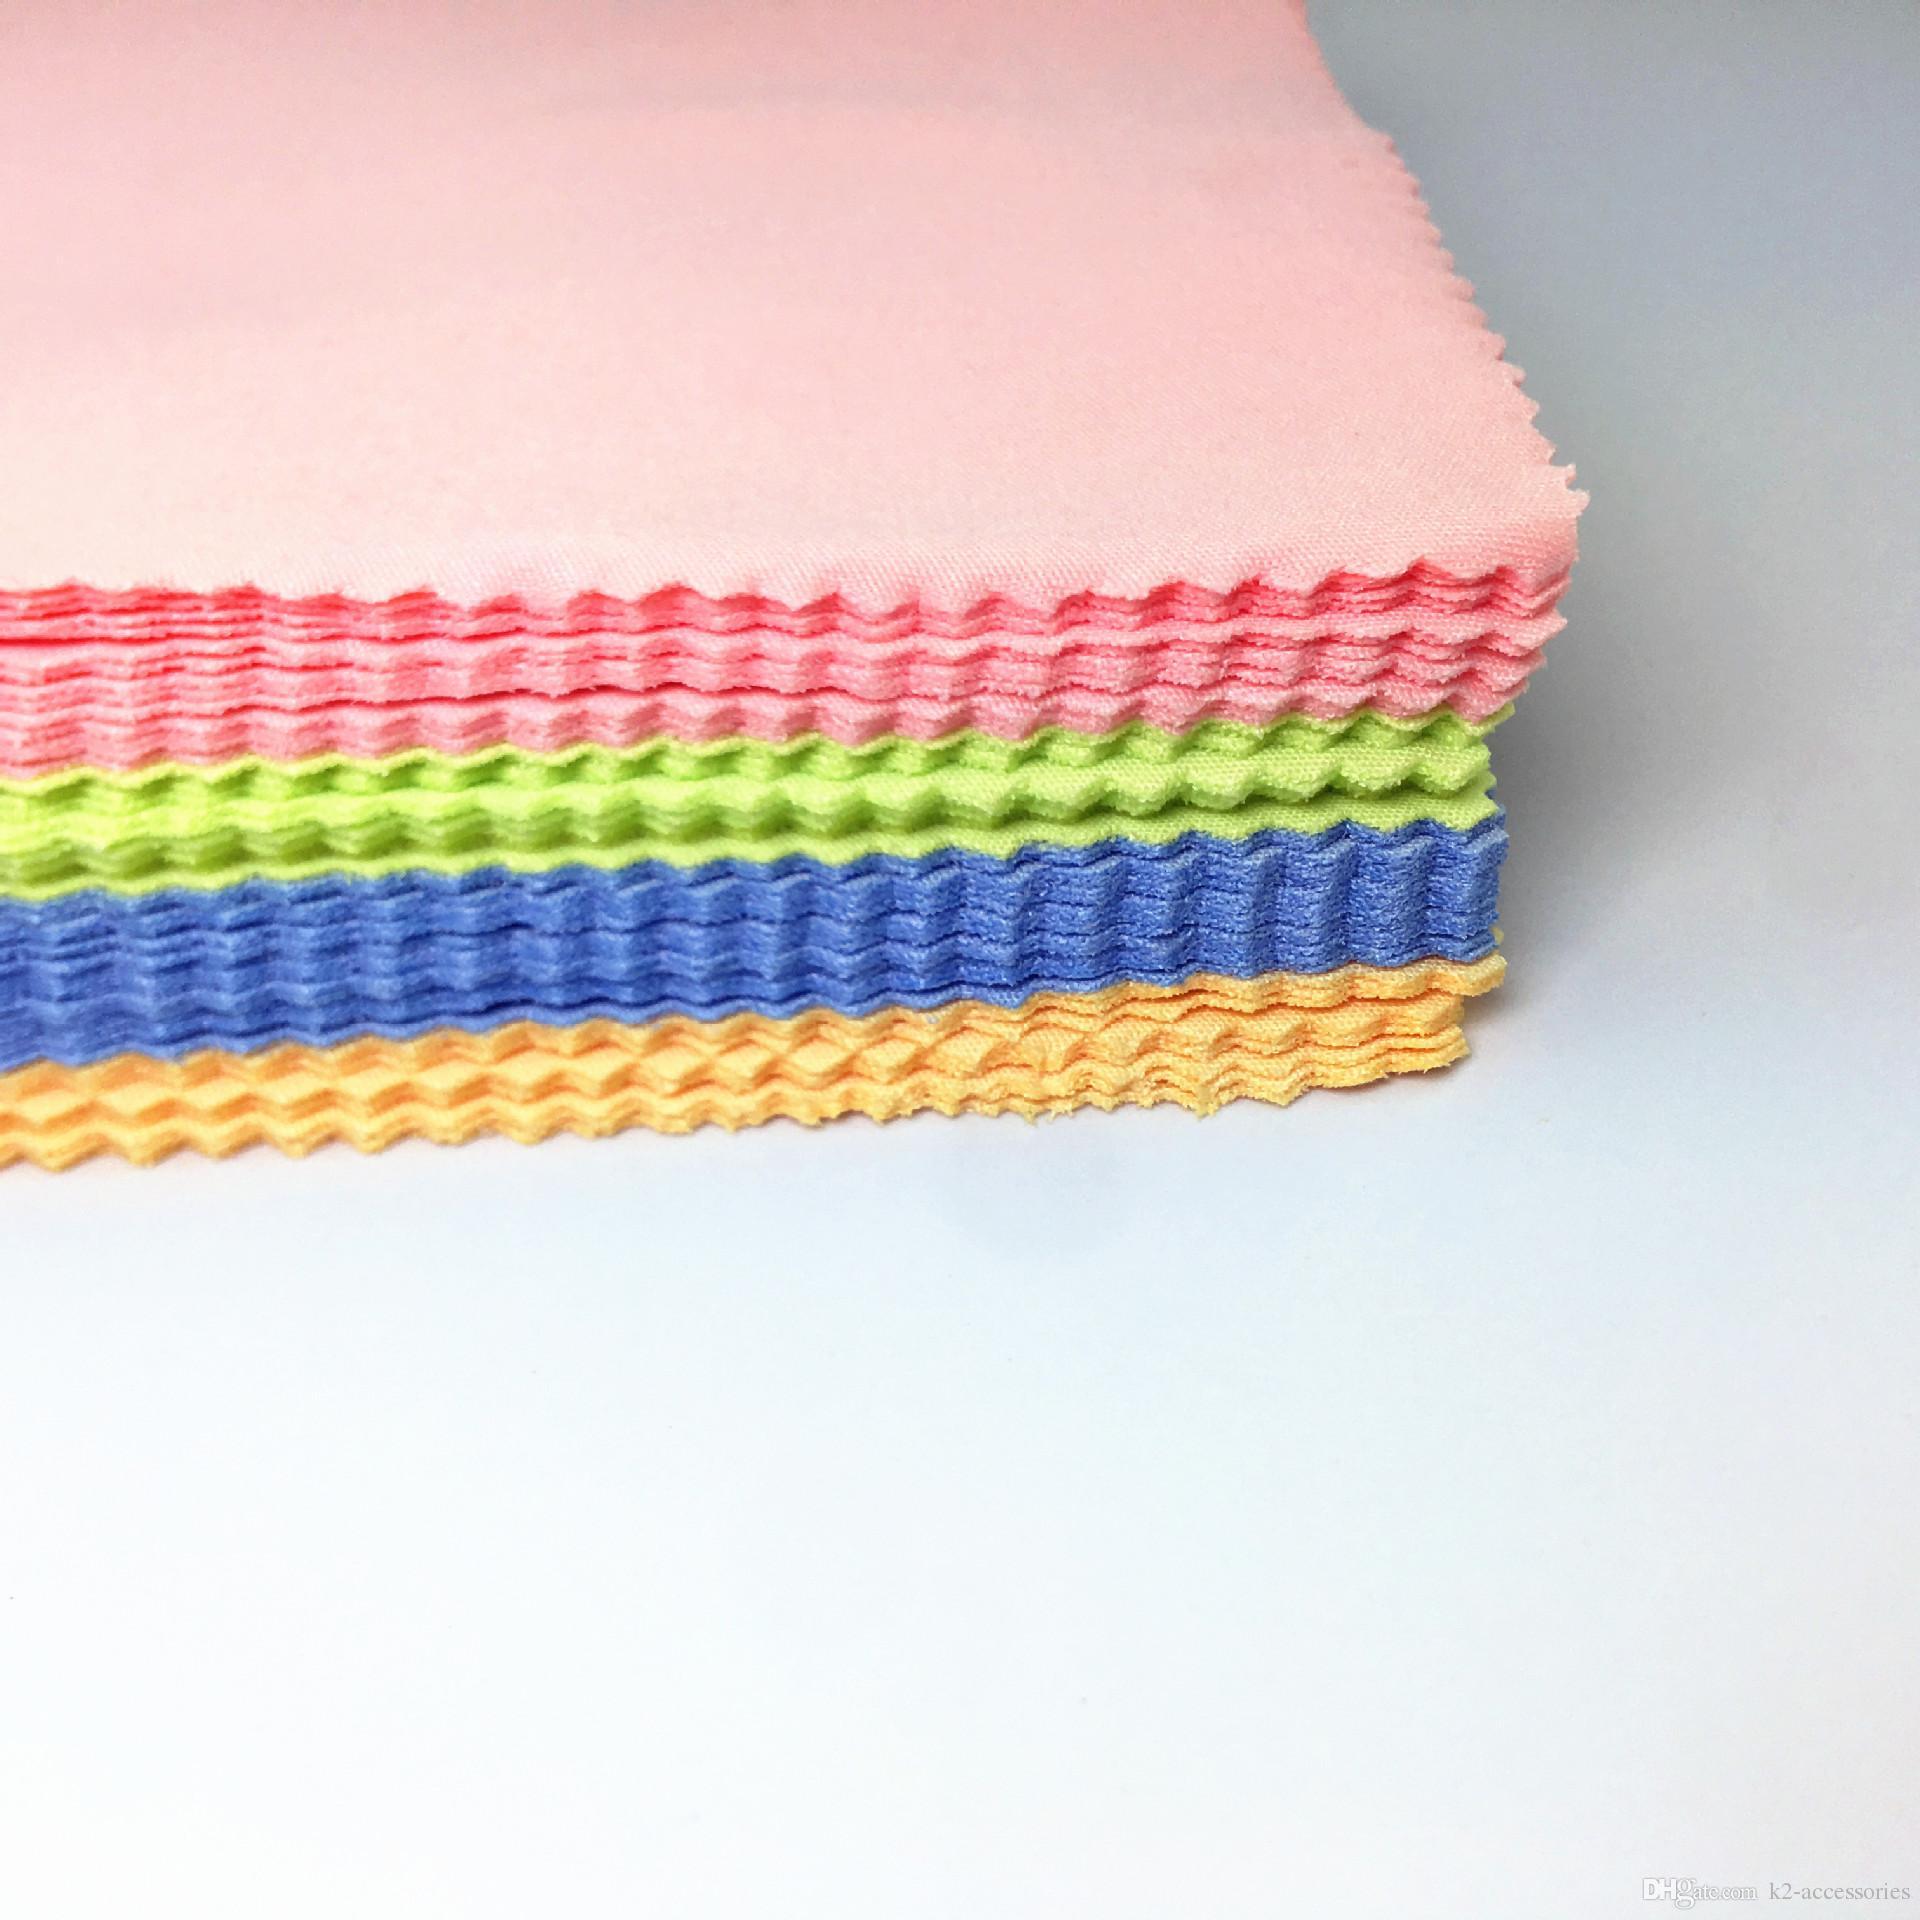 ¡BARATO! Lentes de fibra Lente de tela Paño de limpieza Lentes de gafas de sol Lente de microfibra Paños de limpieza 4 colores mezclados 13 * 13 cm